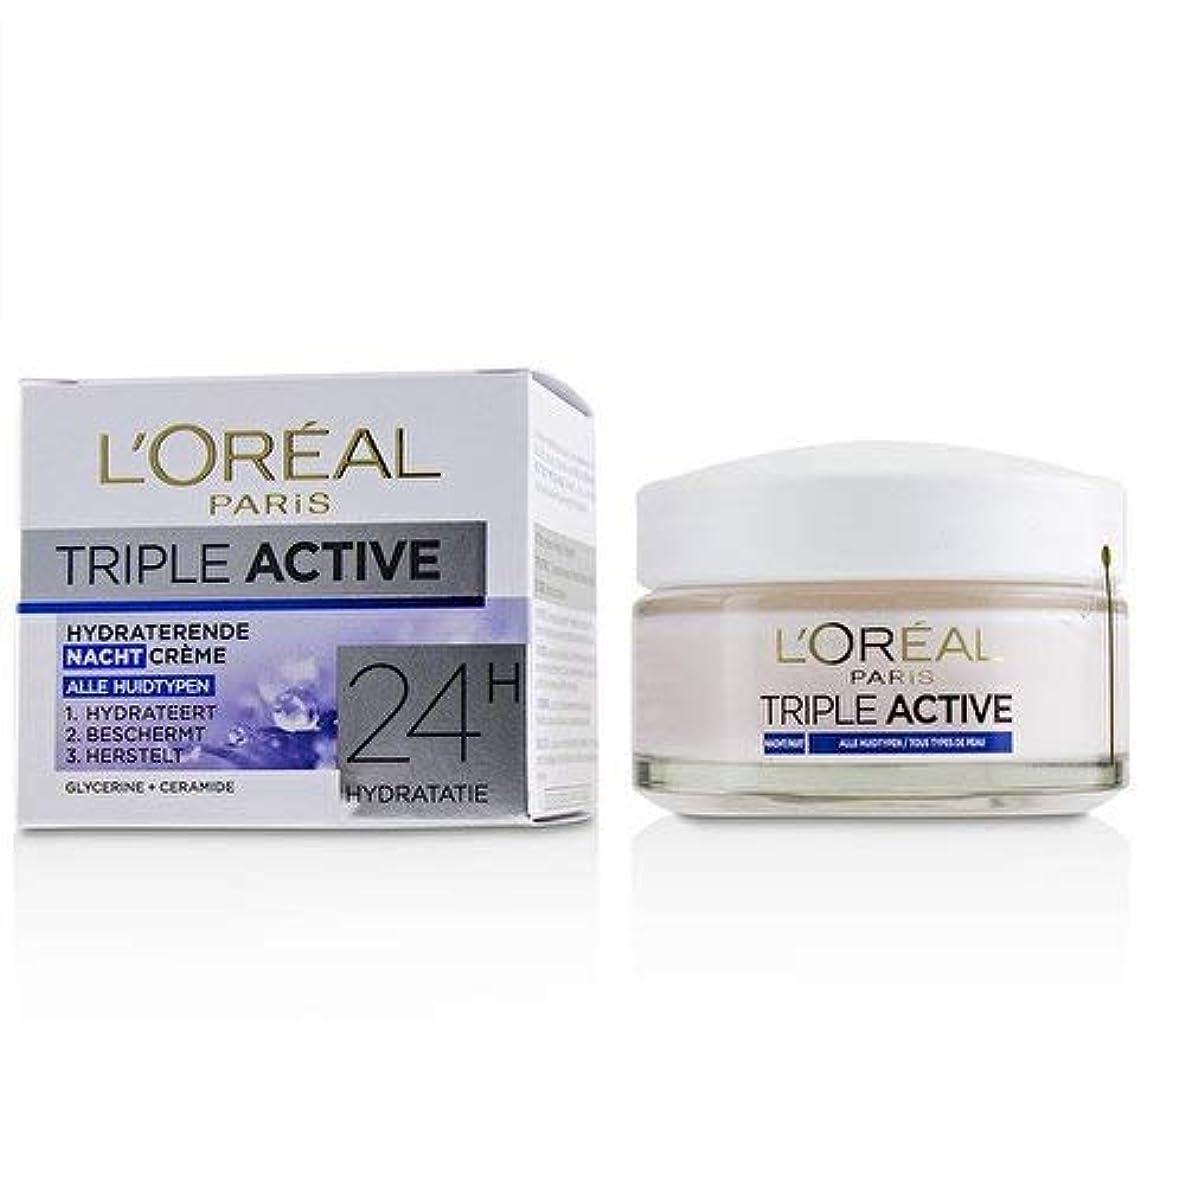 応援する出くわすではごきげんようロレアル Triple Active Hydrating Night Cream 24H Hydration - For All Skin Types 50ml/1.7oz並行輸入品